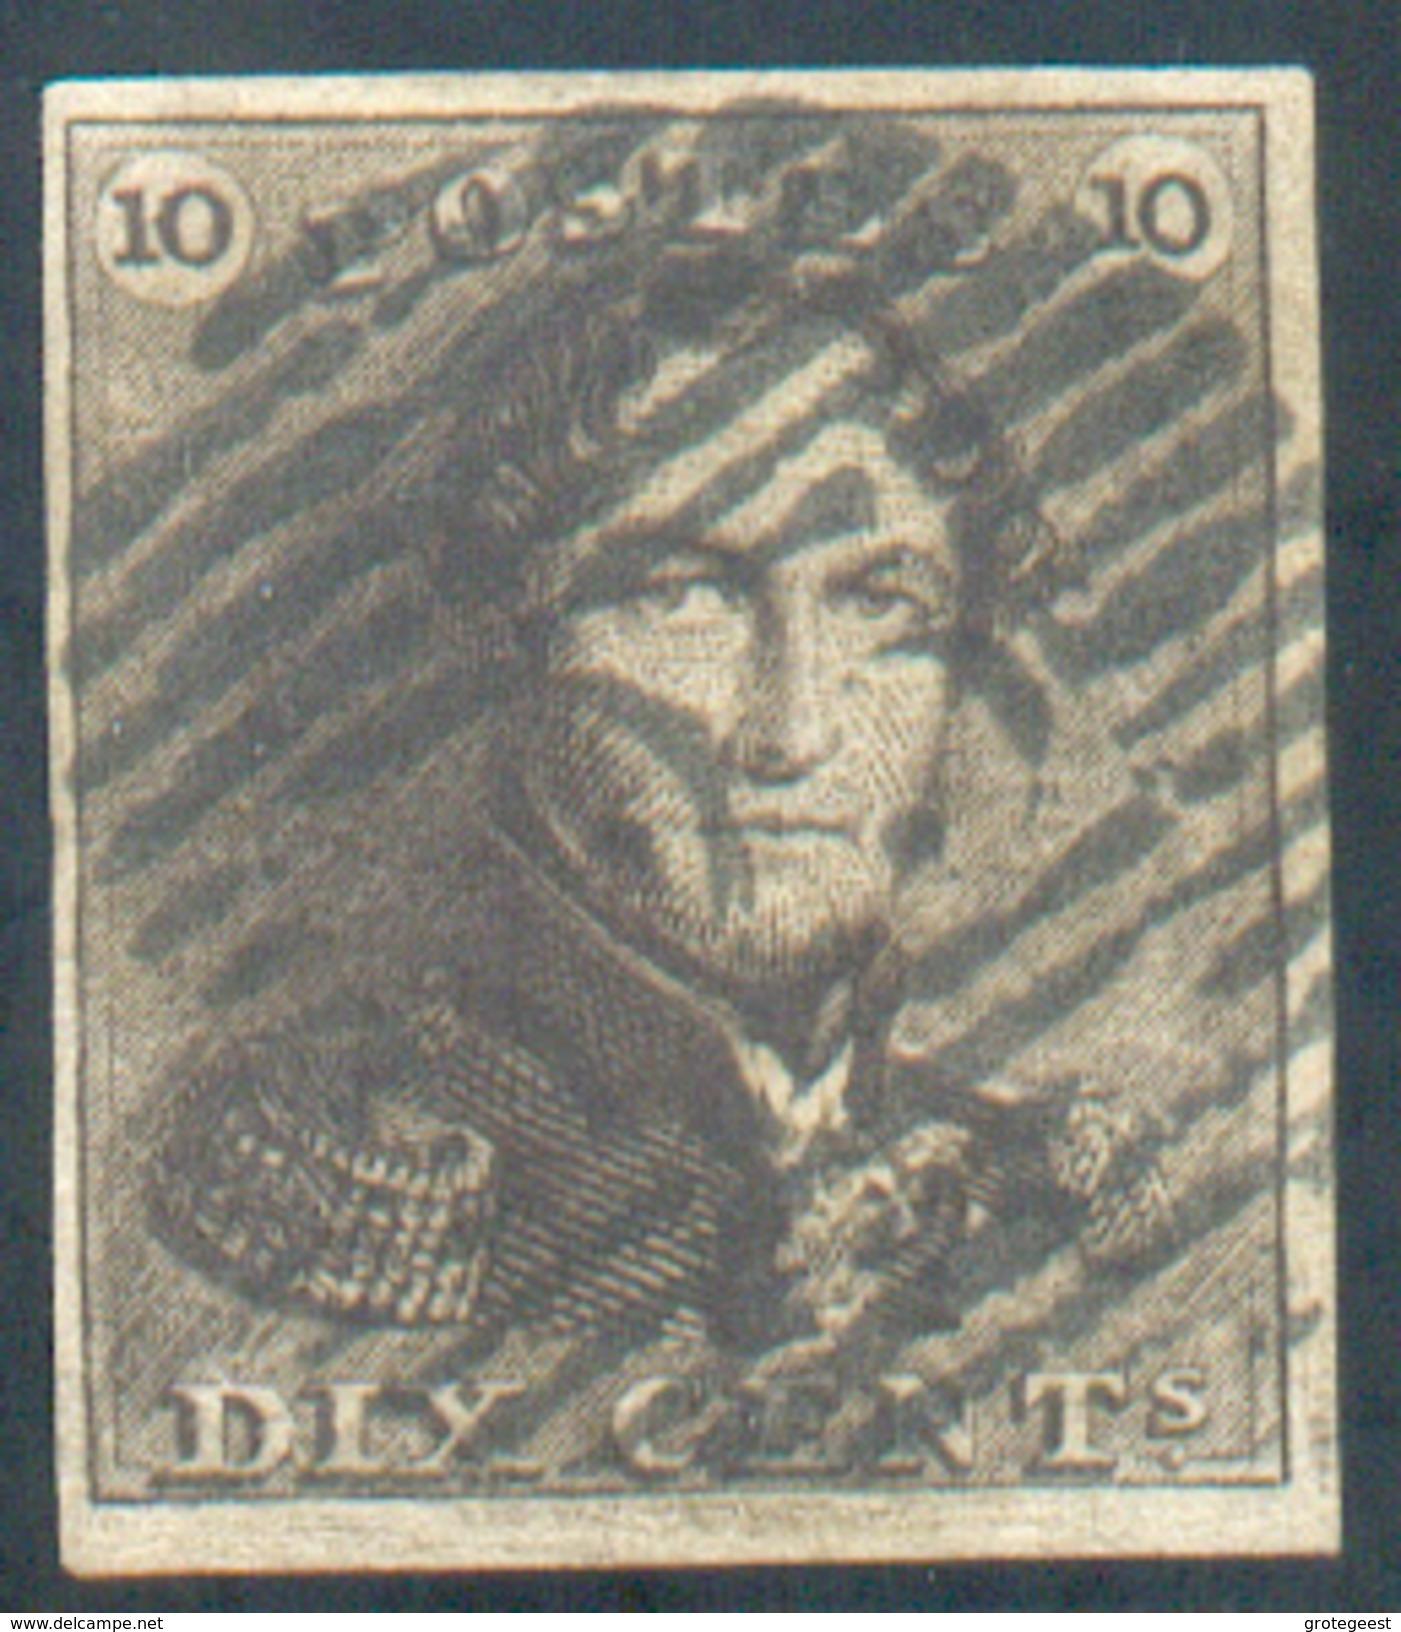 N°1 - Epaulette 10 Centimes Brun, TB Margée Et Obl. P.123 VERVIERS Finement Apposée.  Regard Totalement Dégagé.  - 11603 - 1849 Epaulettes